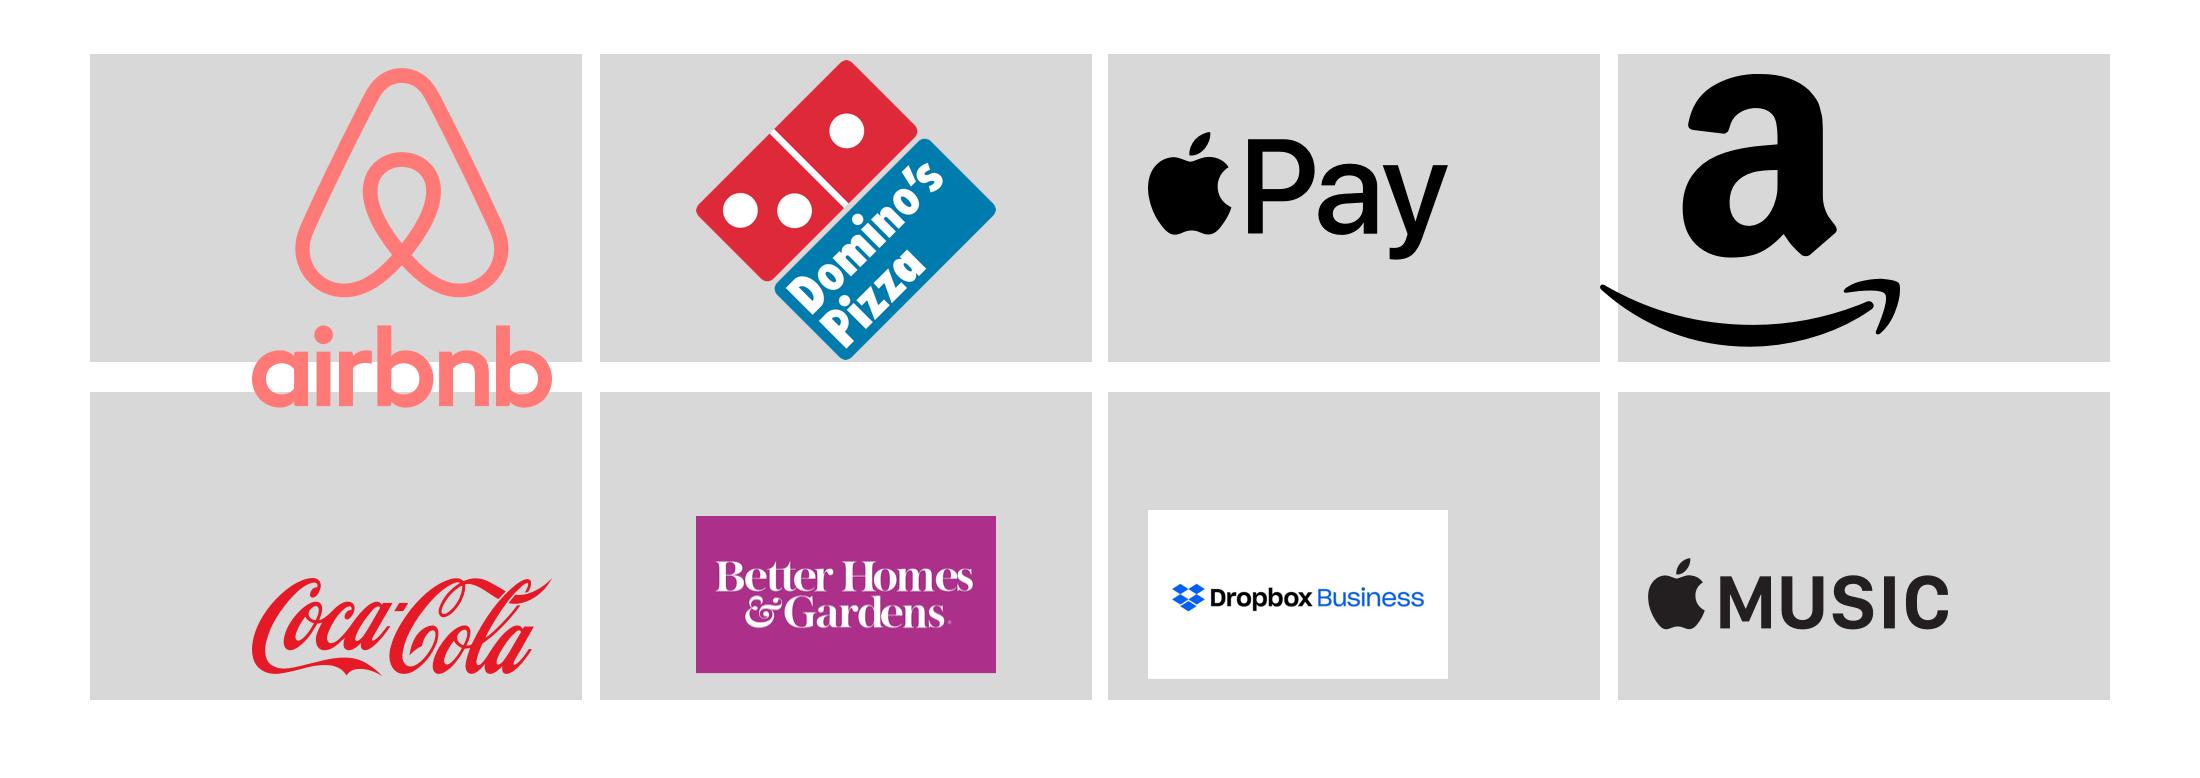 Выравнивание изображений логотипов в CSS